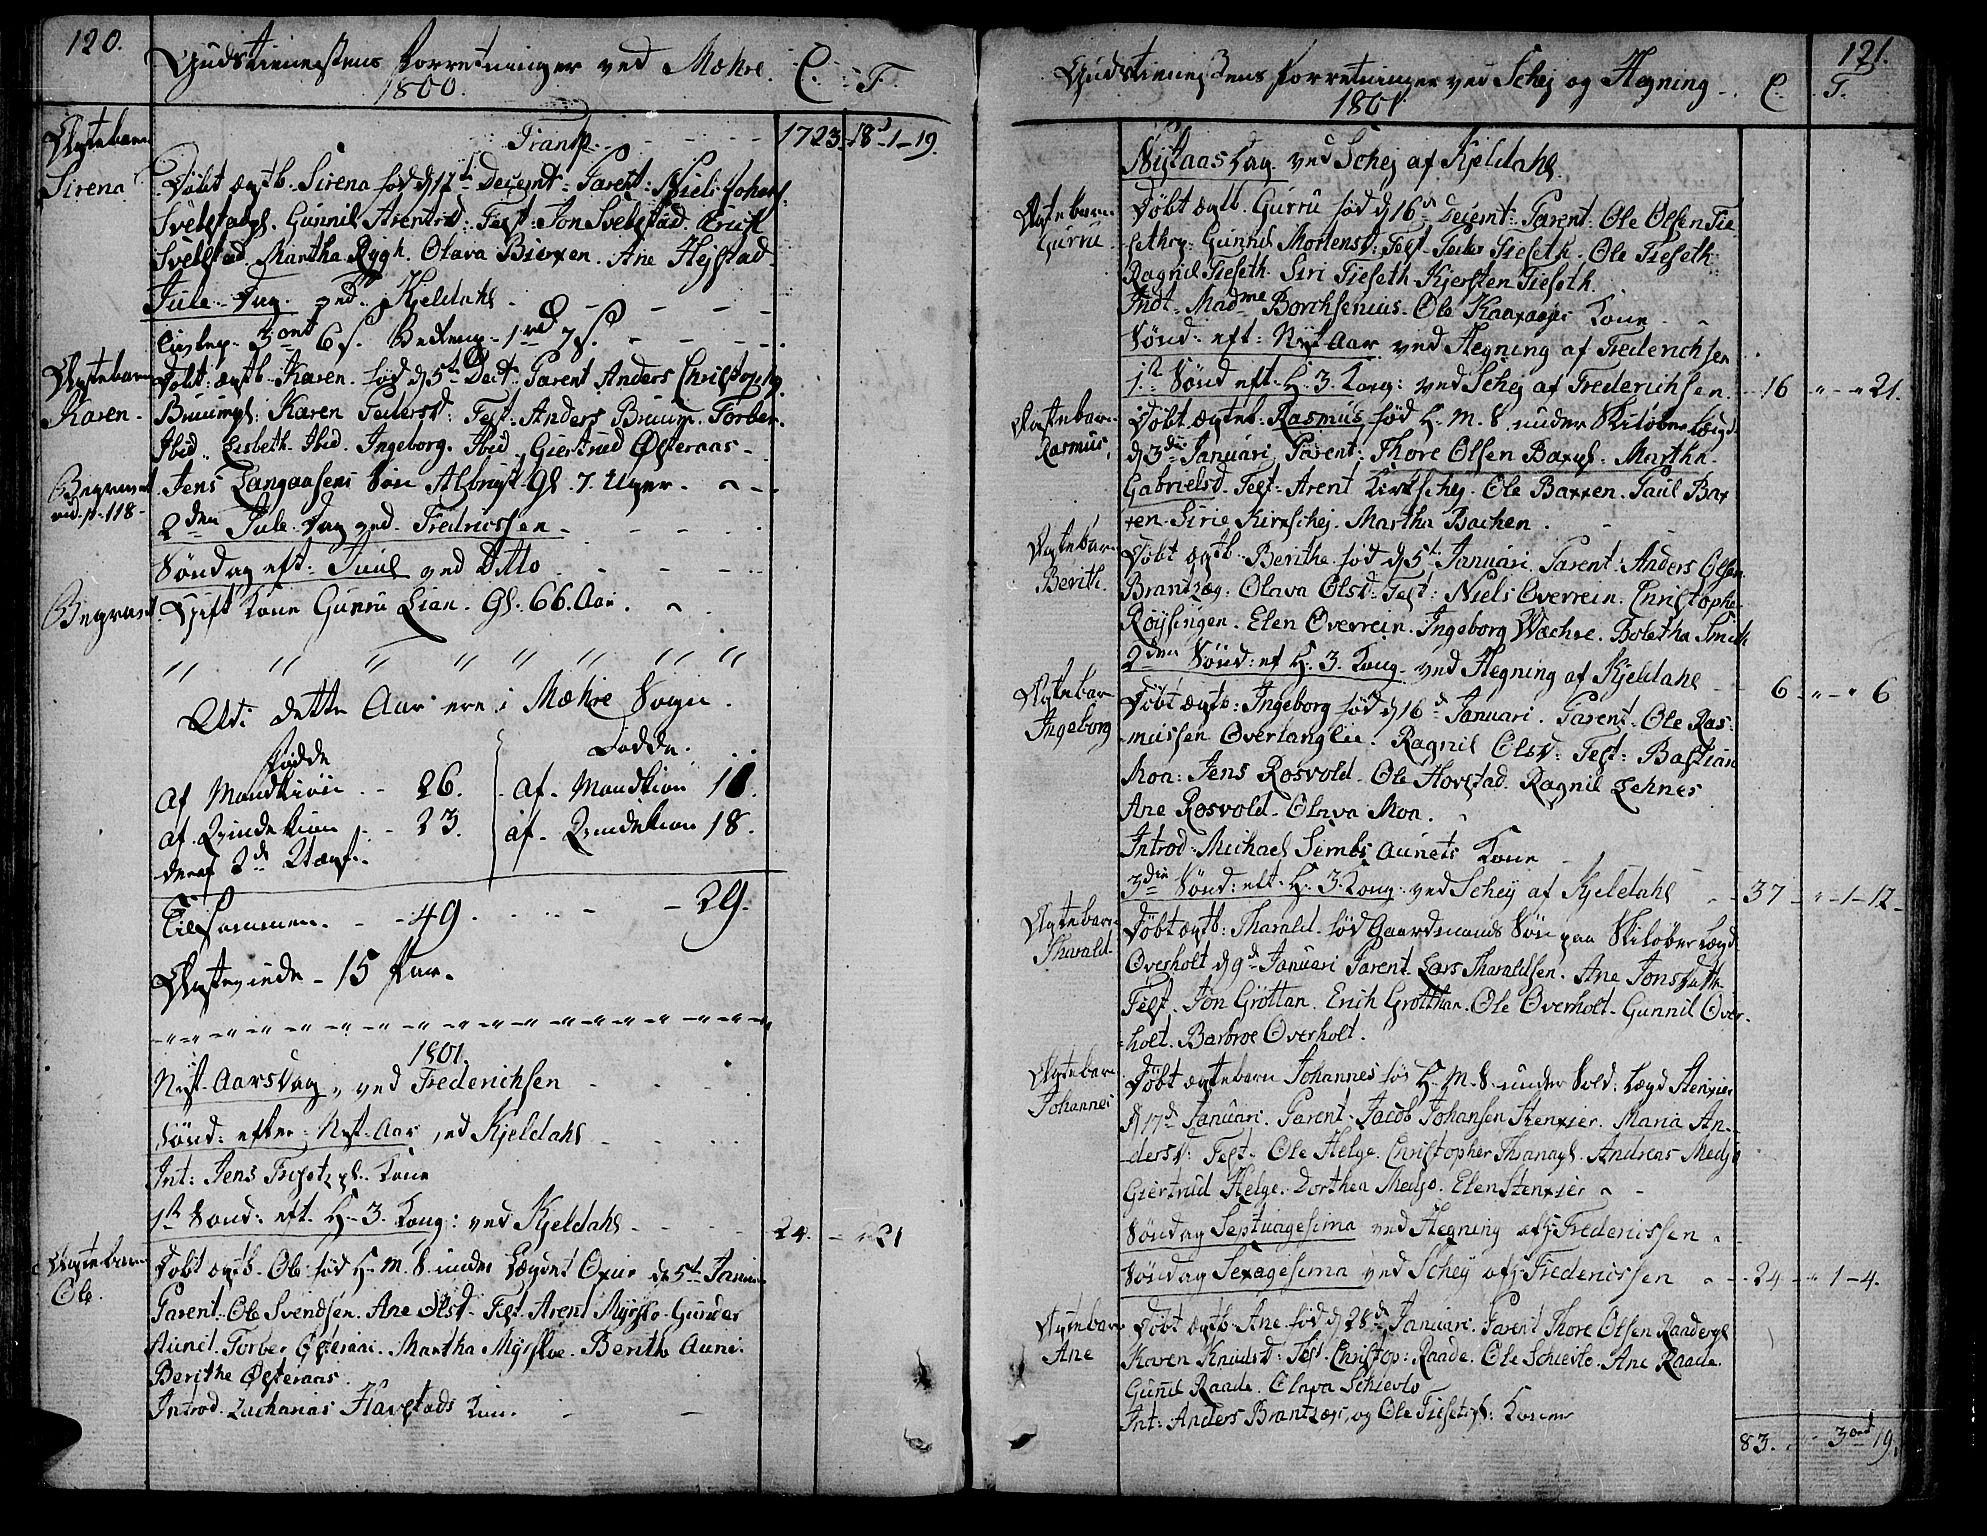 SAT, Ministerialprotokoller, klokkerbøker og fødselsregistre - Nord-Trøndelag, 735/L0332: Ministerialbok nr. 735A03, 1795-1816, s. 120-121